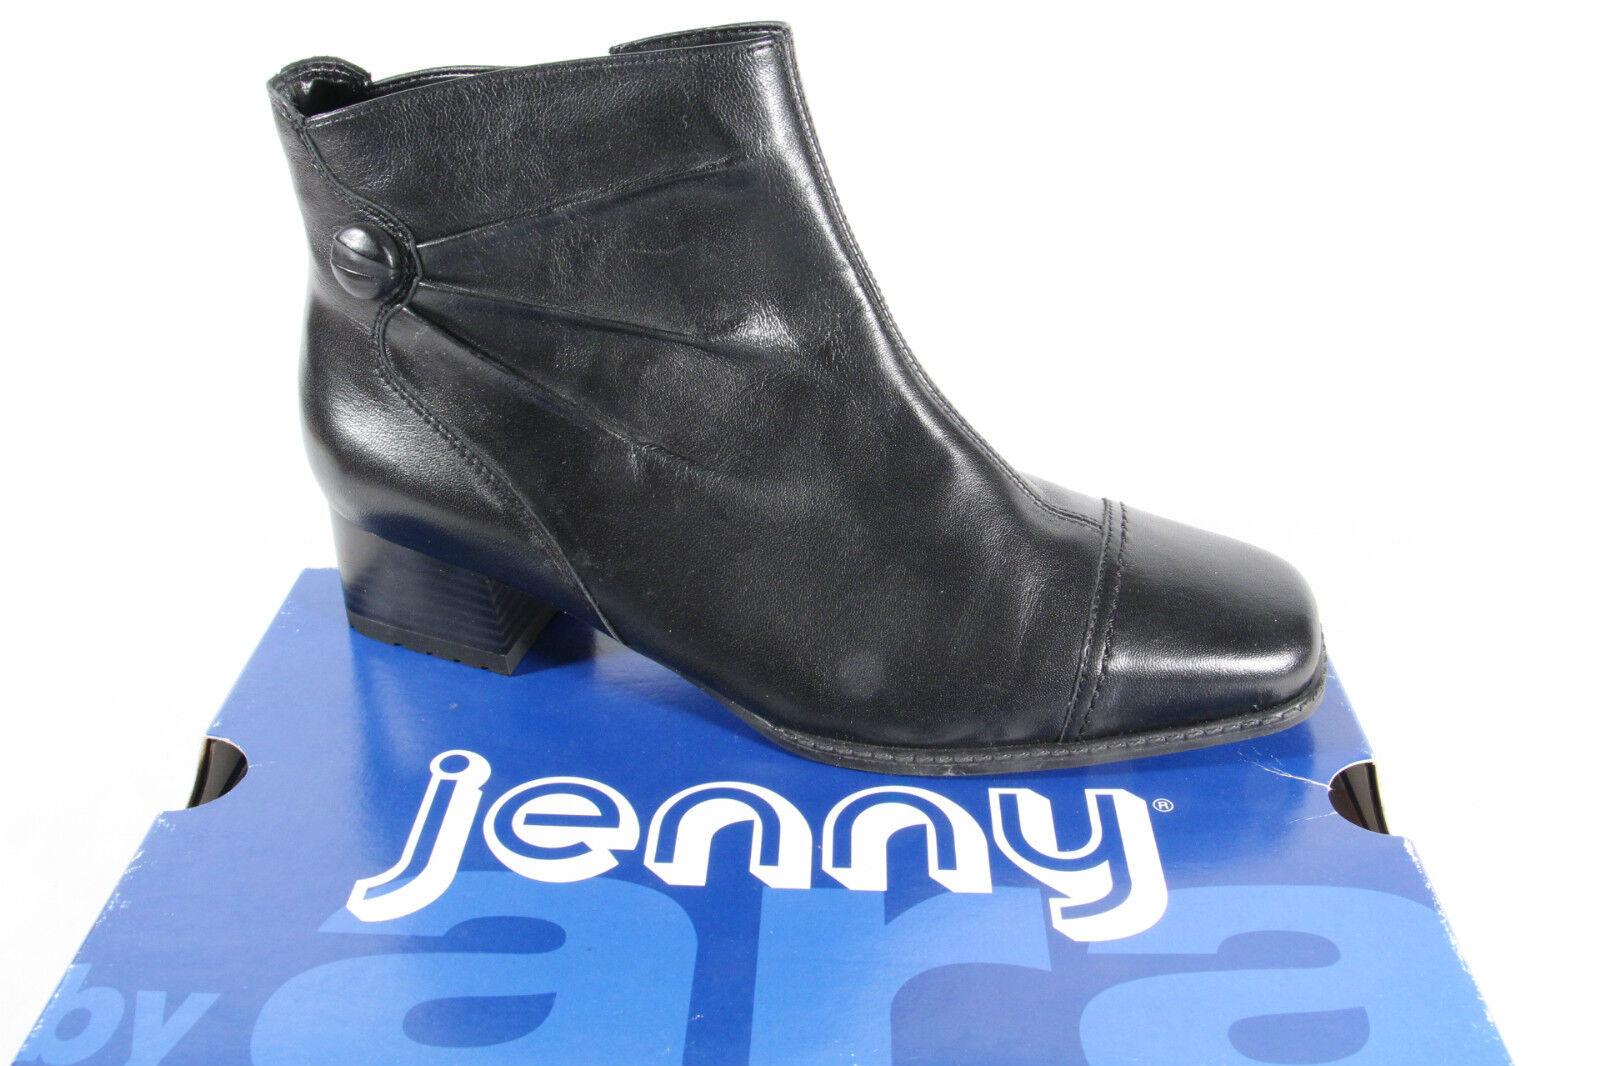 Jenny By Ara Stivaletti, Nero, Cerniera, Ampiezza 61850 H, 61850 Ampiezza Nuovo 24de42